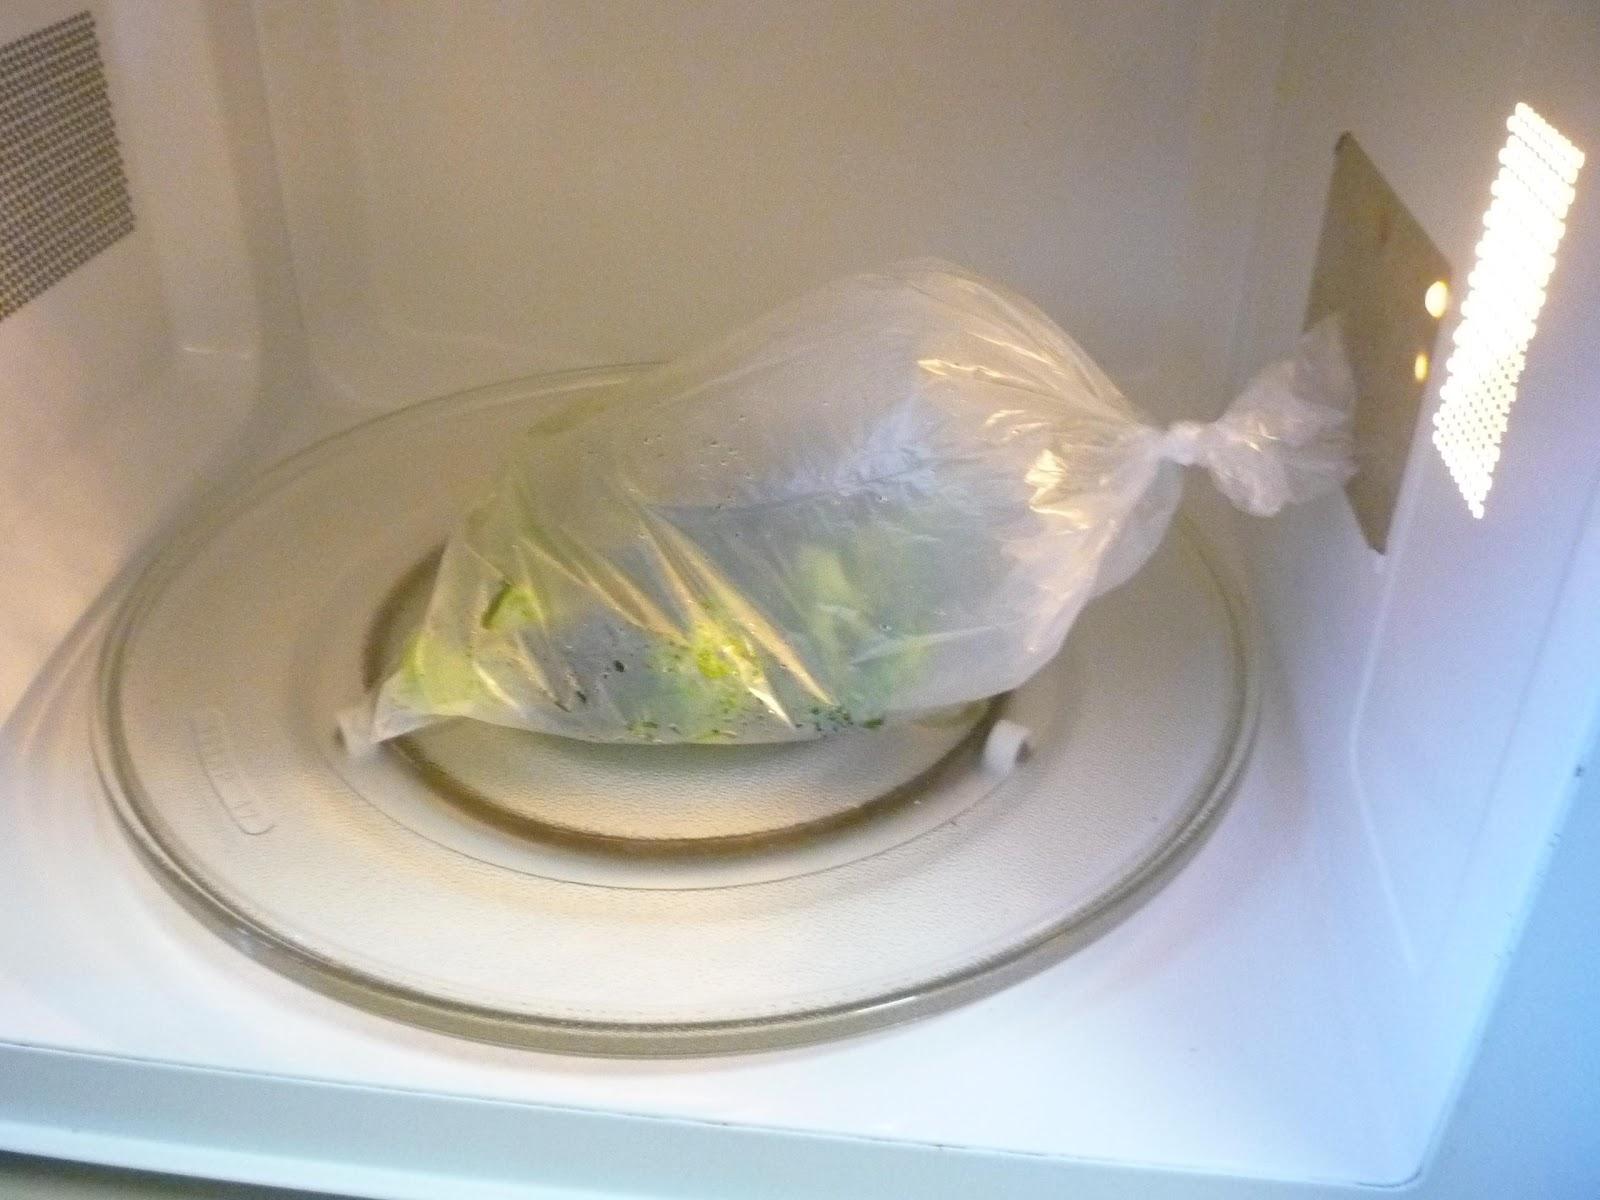 Comidas que n o existem como cozinhar legumes no vapor no for Comidas hechas en microondas